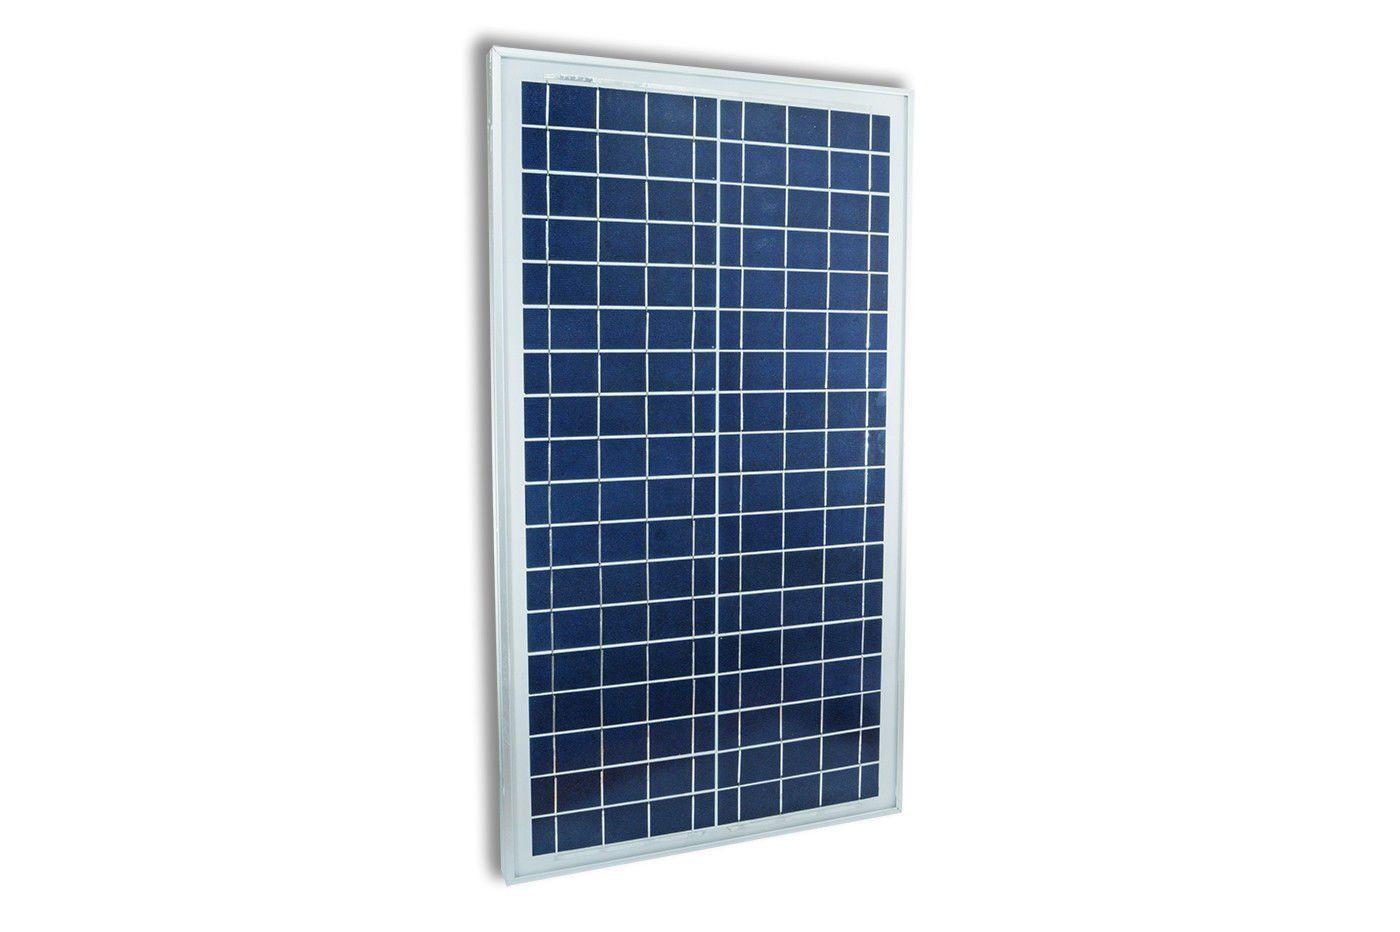 Faro luce luce luce light per esterni pannello solare per